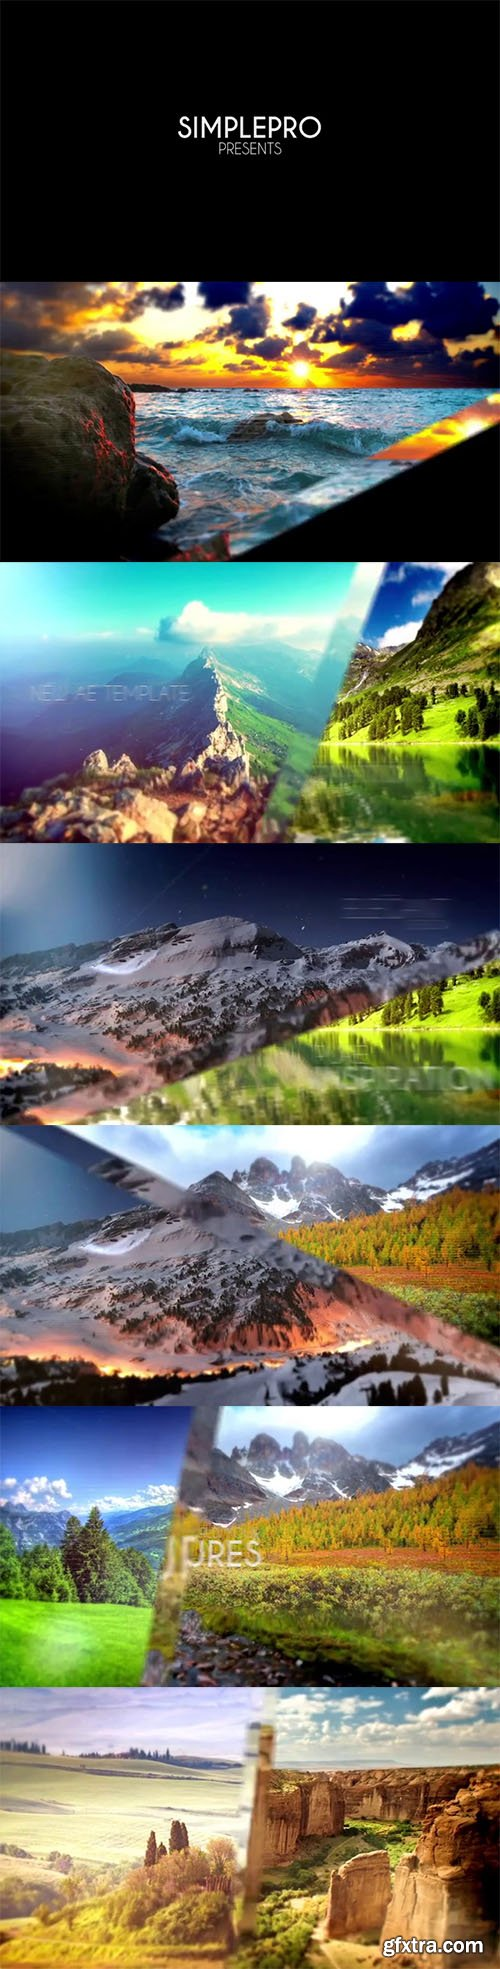 Pond5 - Modern Parallax Slideshow 66025586